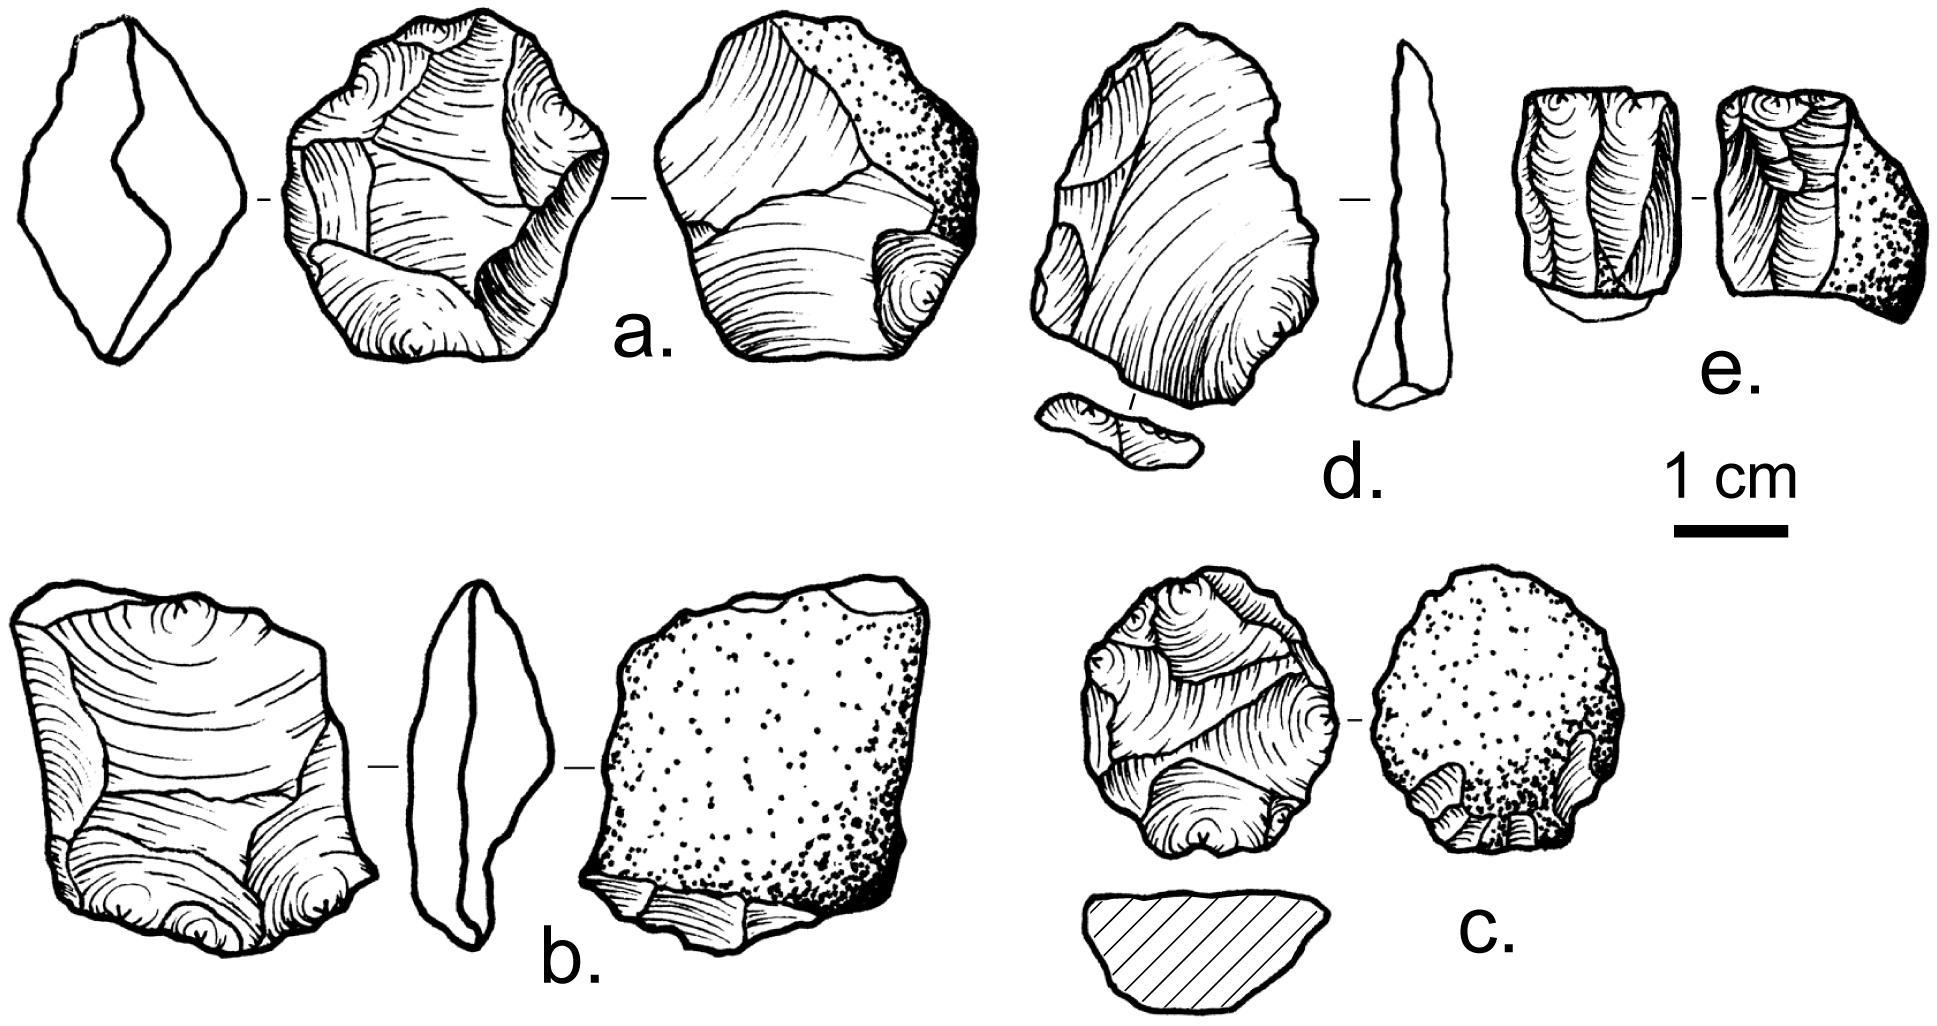 Культура среднего палеолита просуществовала на 20 тысяч лет дольше, чем считалось